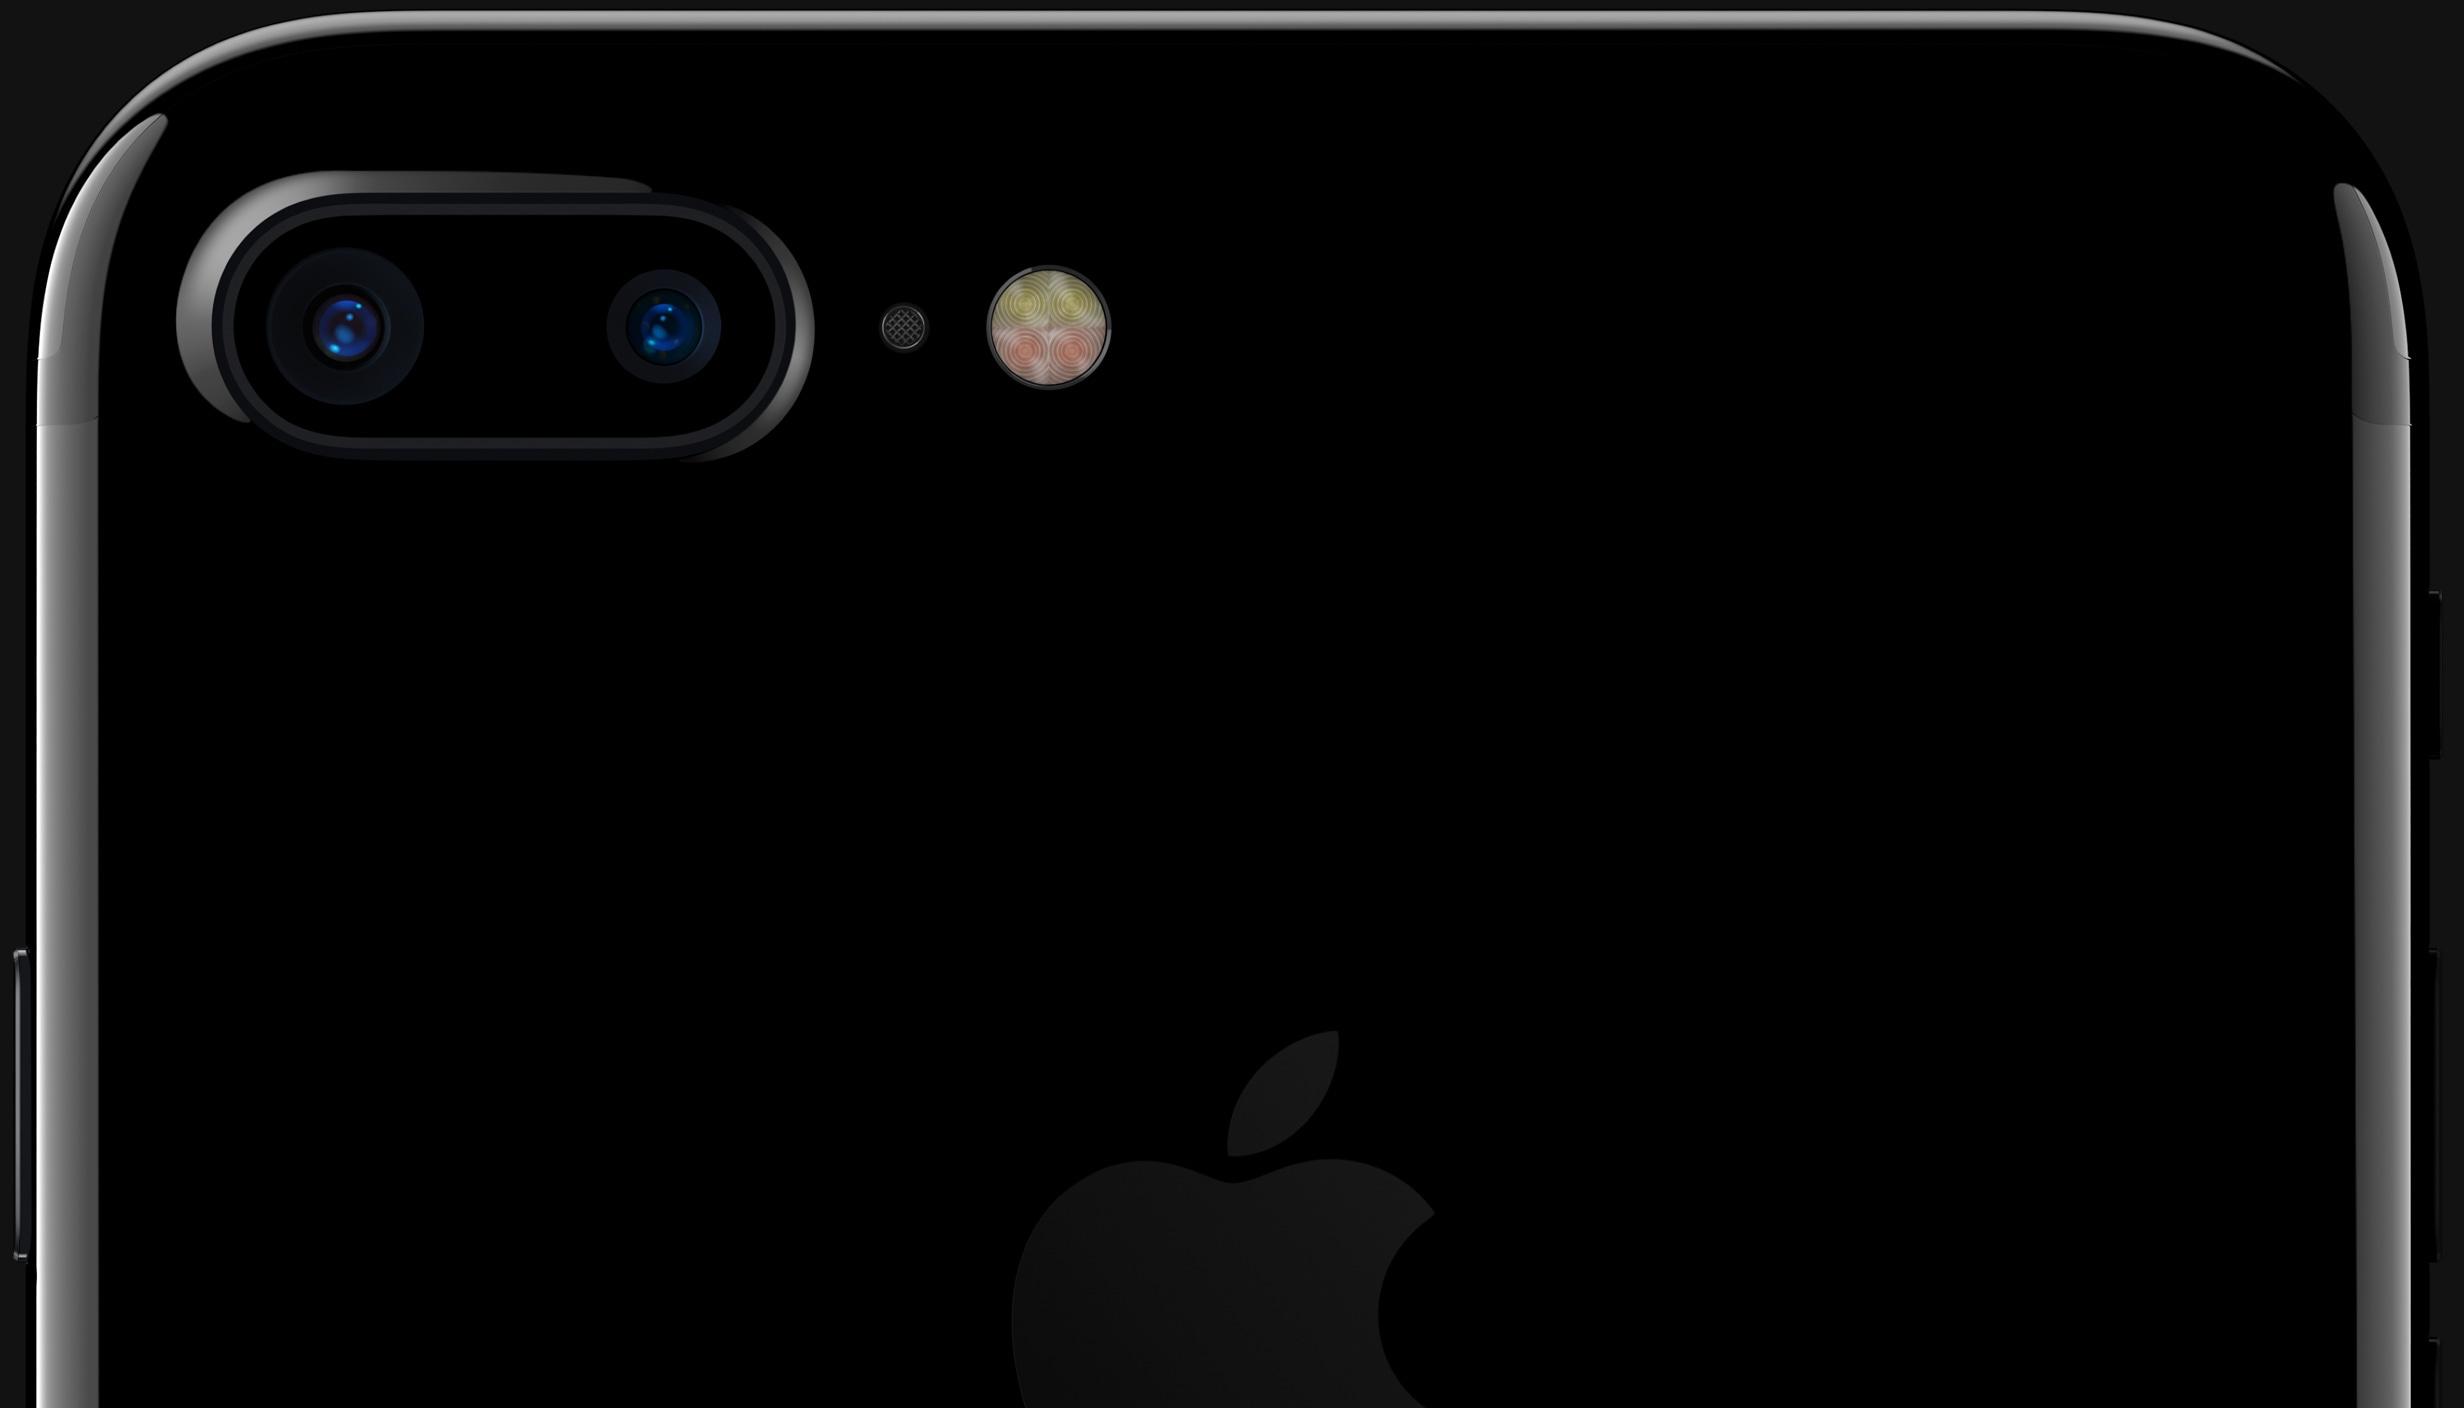 Câmera traseira do iPhone 7 Plus